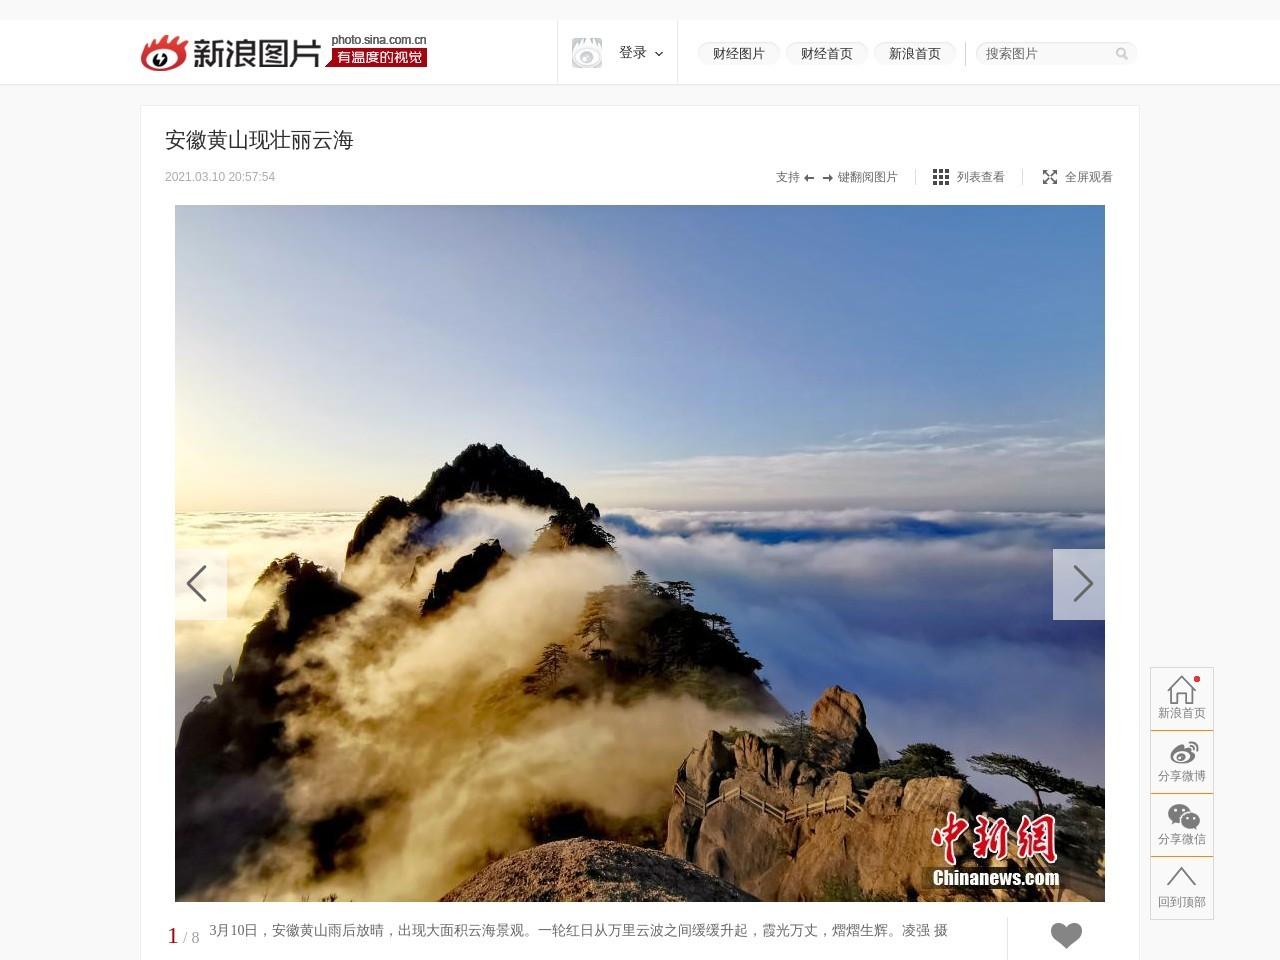 安徽黄山现壮丽云海_高清图集_新浪网